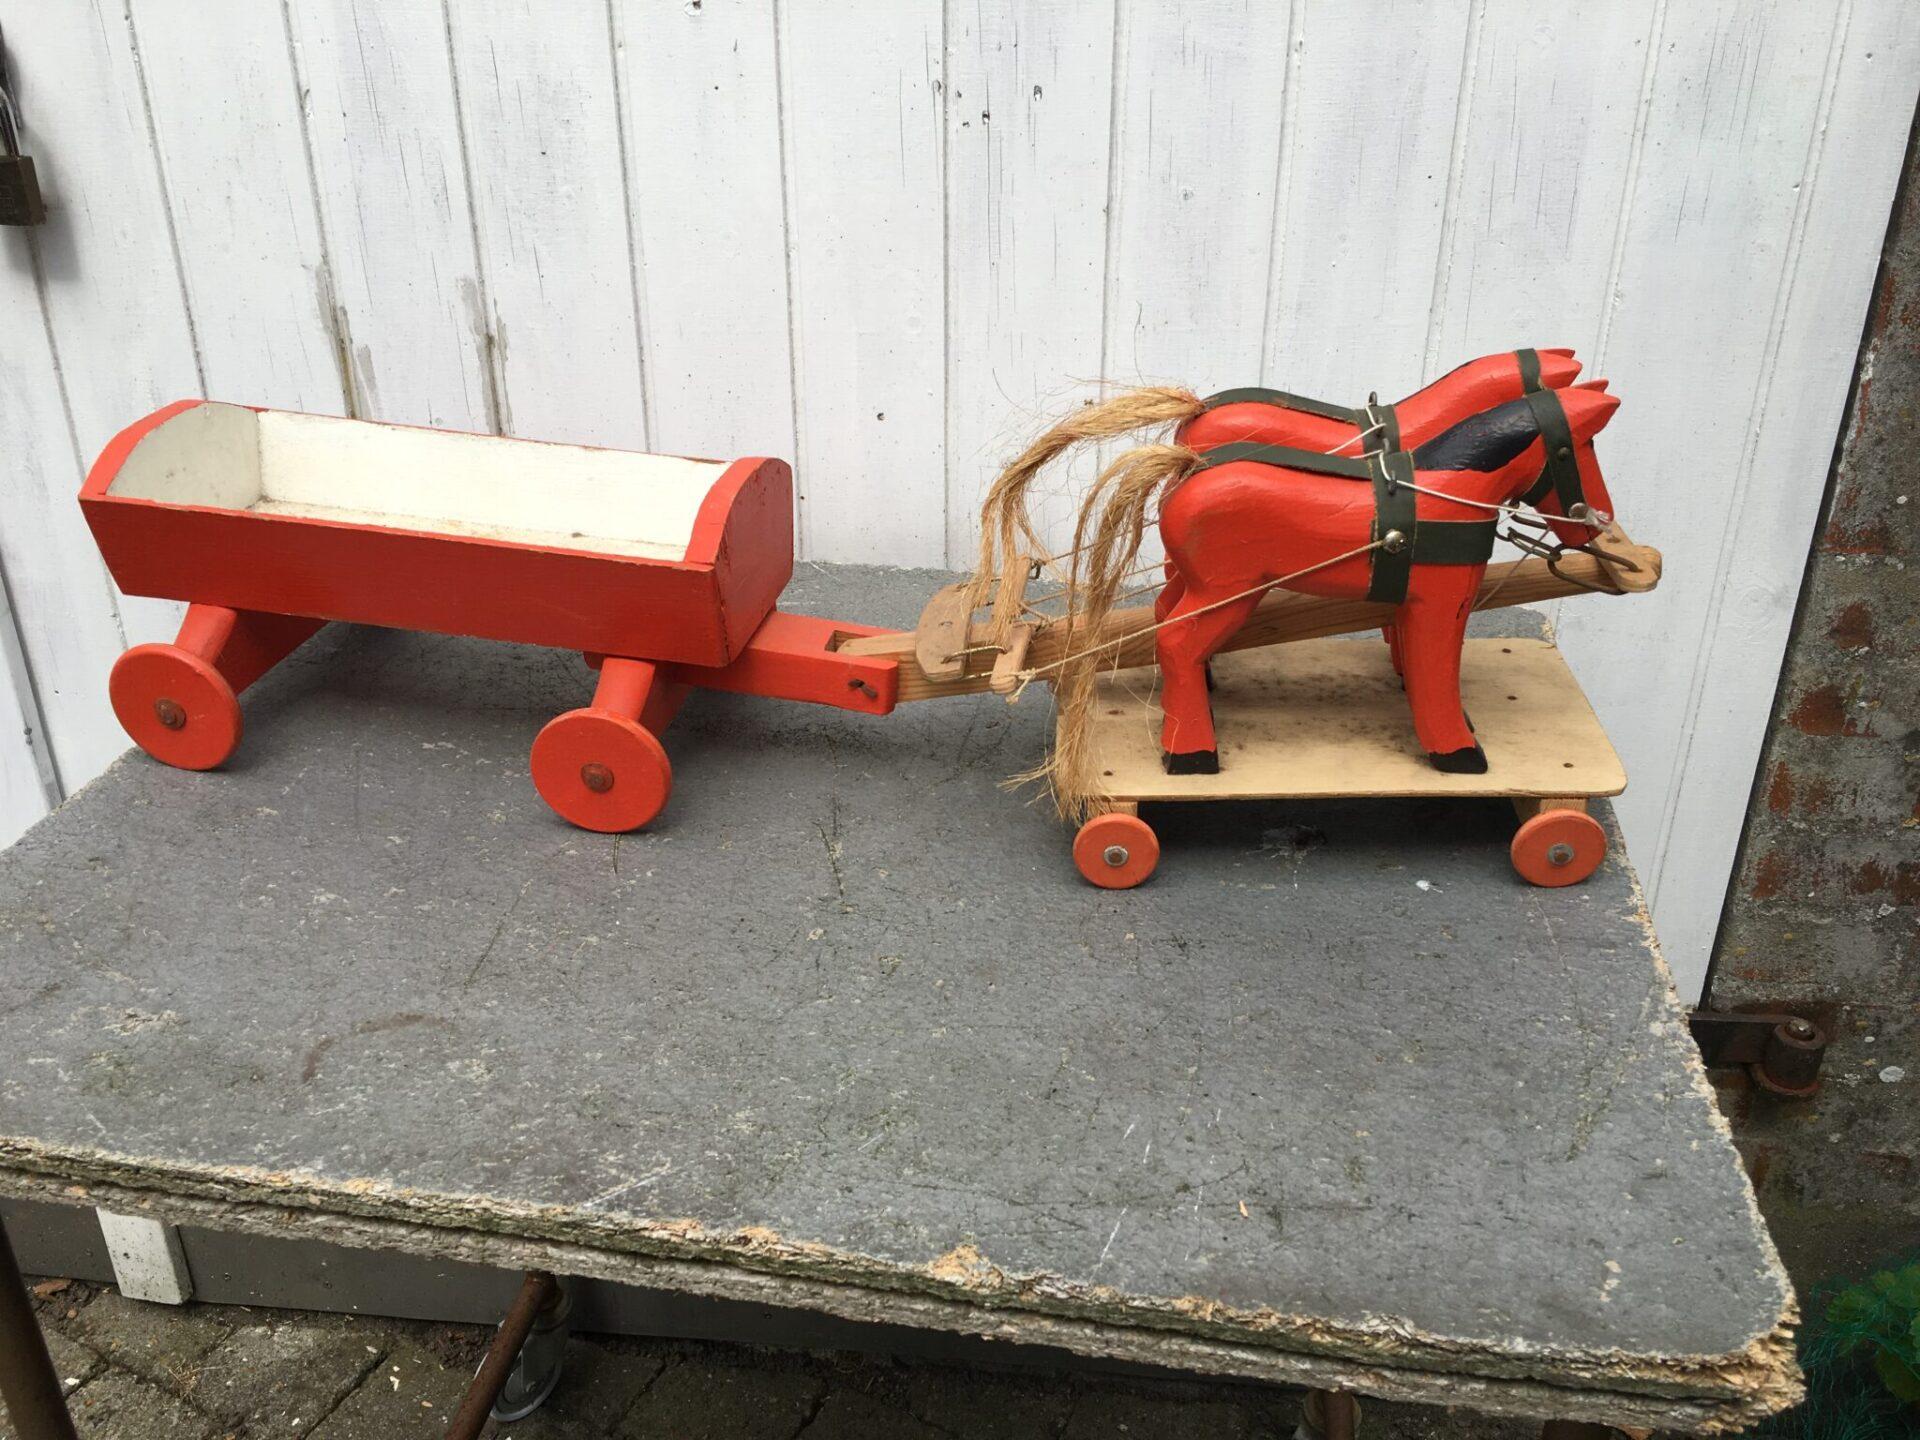 Gammelt trælegetøj, Hesteforspand, (antageligt fængselslegetøj), l=80 cm, pris 500 kr